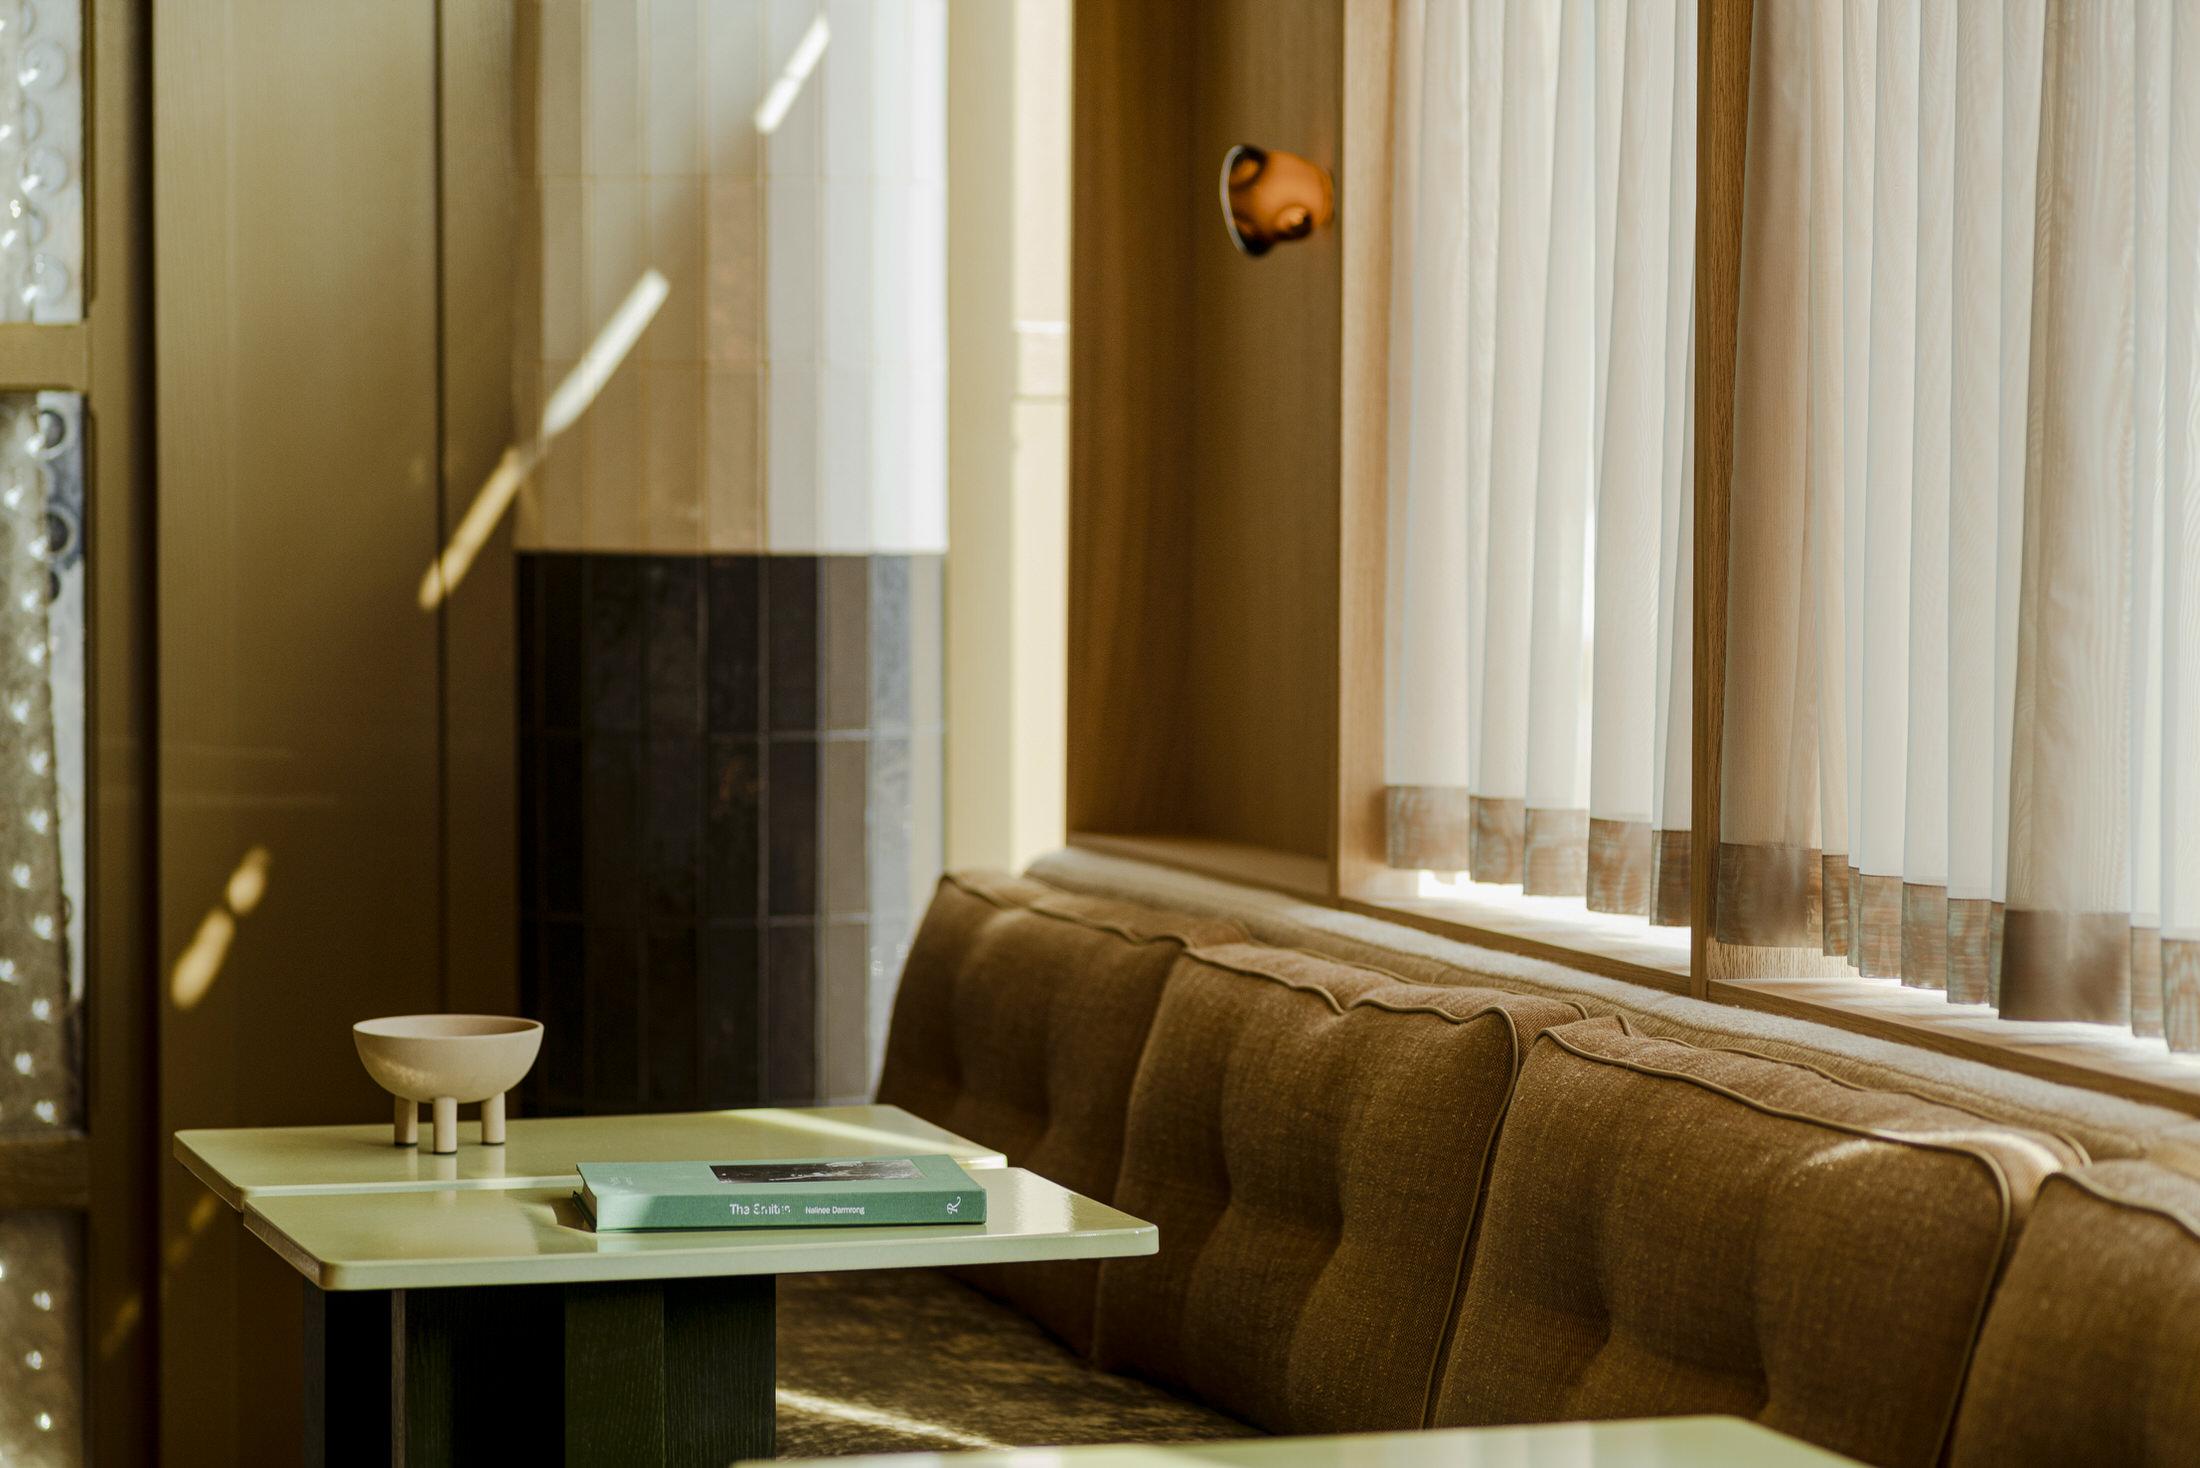 Paradowski Studio Puro Hotel Krakow Photo Pion Studio Yellowtrace 38